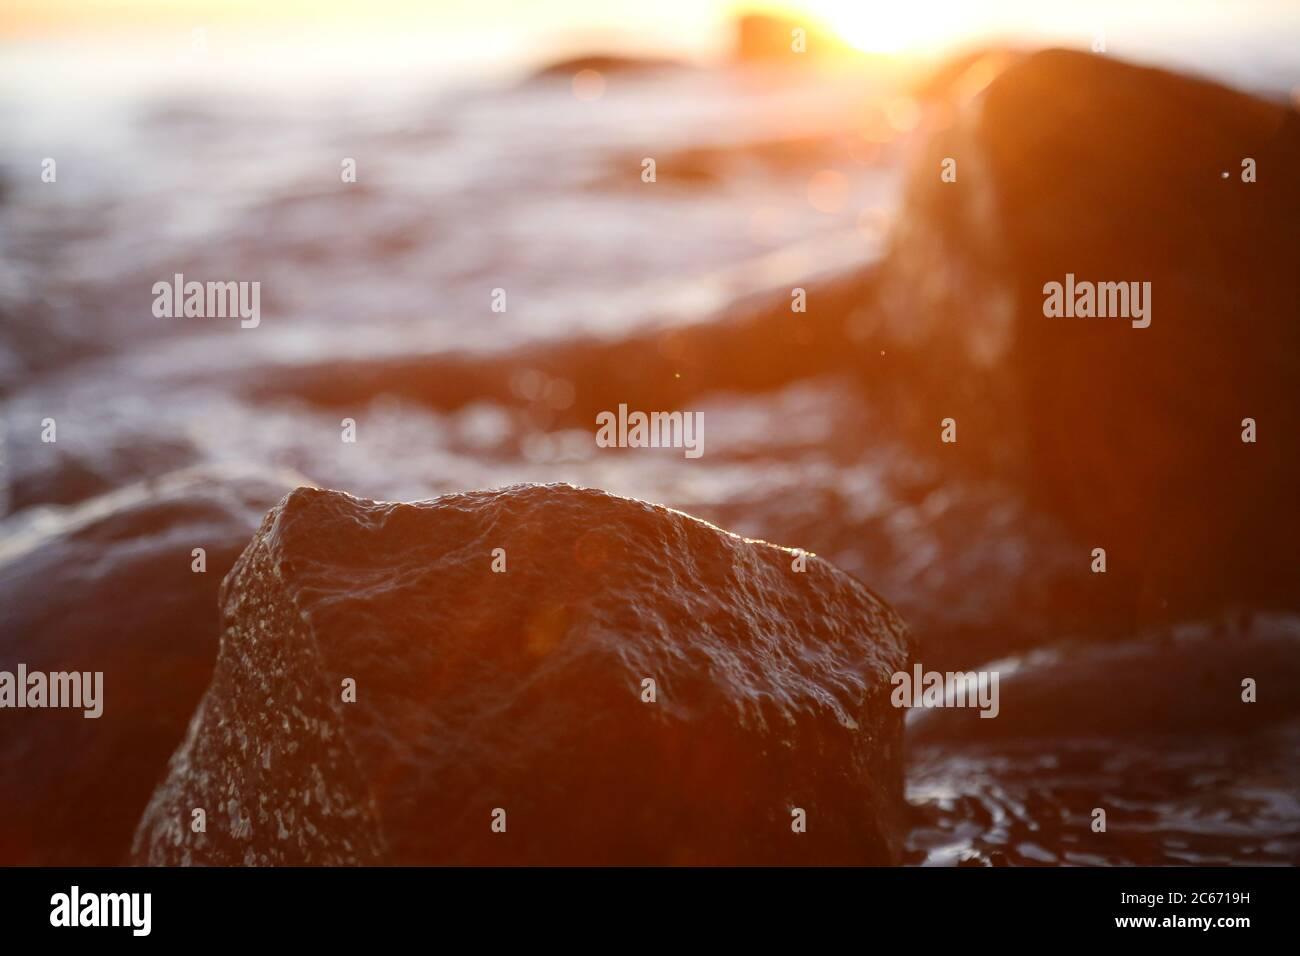 Piedras de playa y piedras de Stony puestas de sol en el cierre de la tarde, textura puesta de sol y amanecer Foto de stock